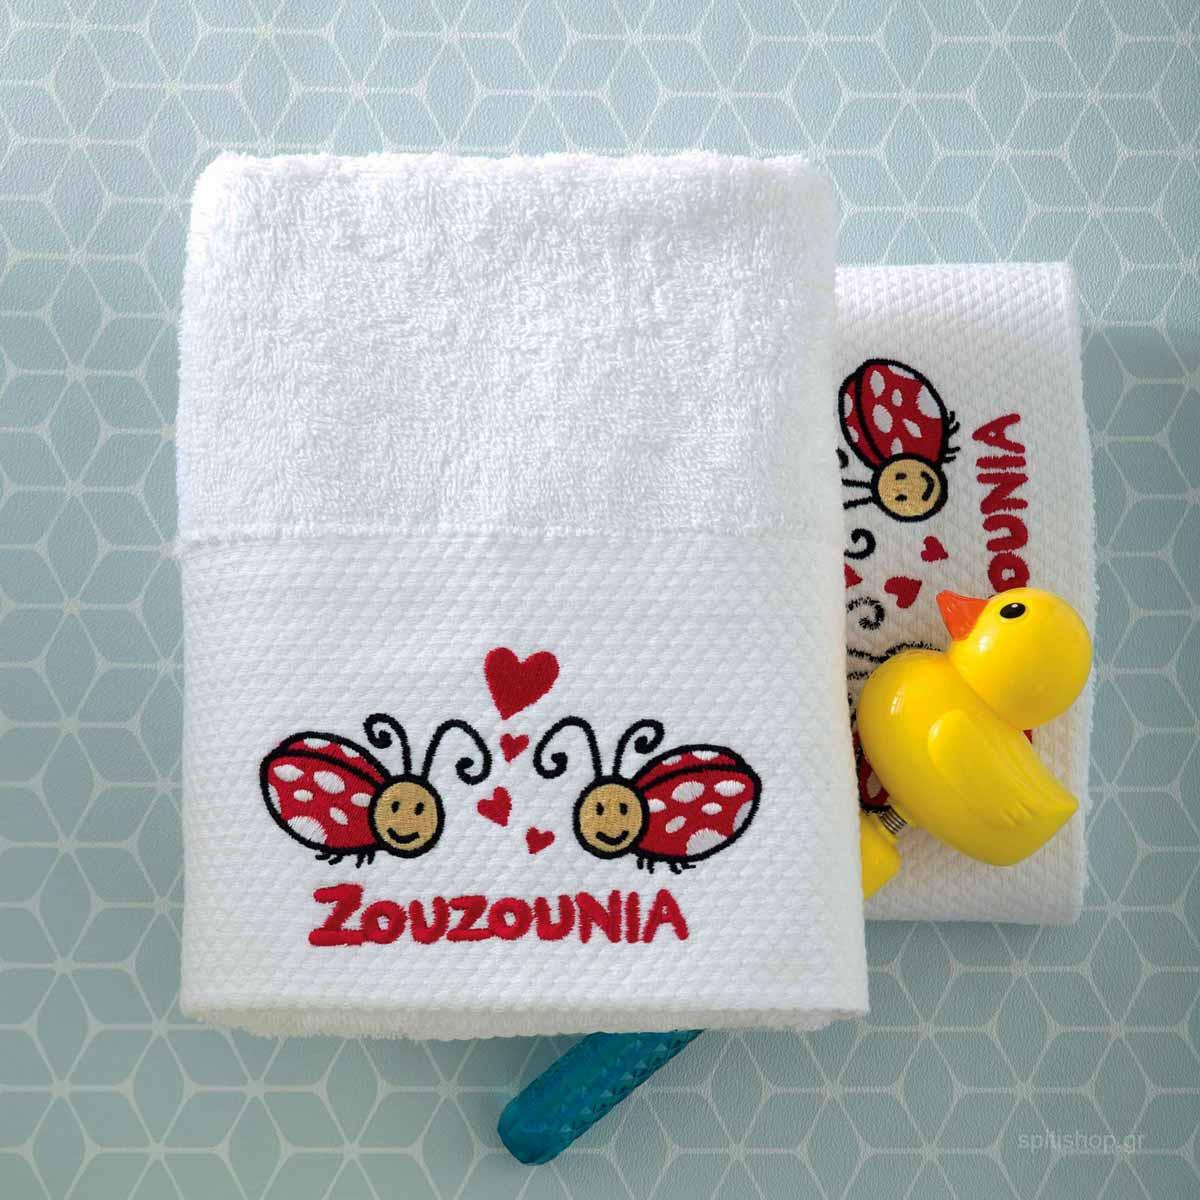 Βρεφικές Πετσέτες Προσώπου (Σετ 2τμχ) Zouzounia Πασχαλίτσα 359